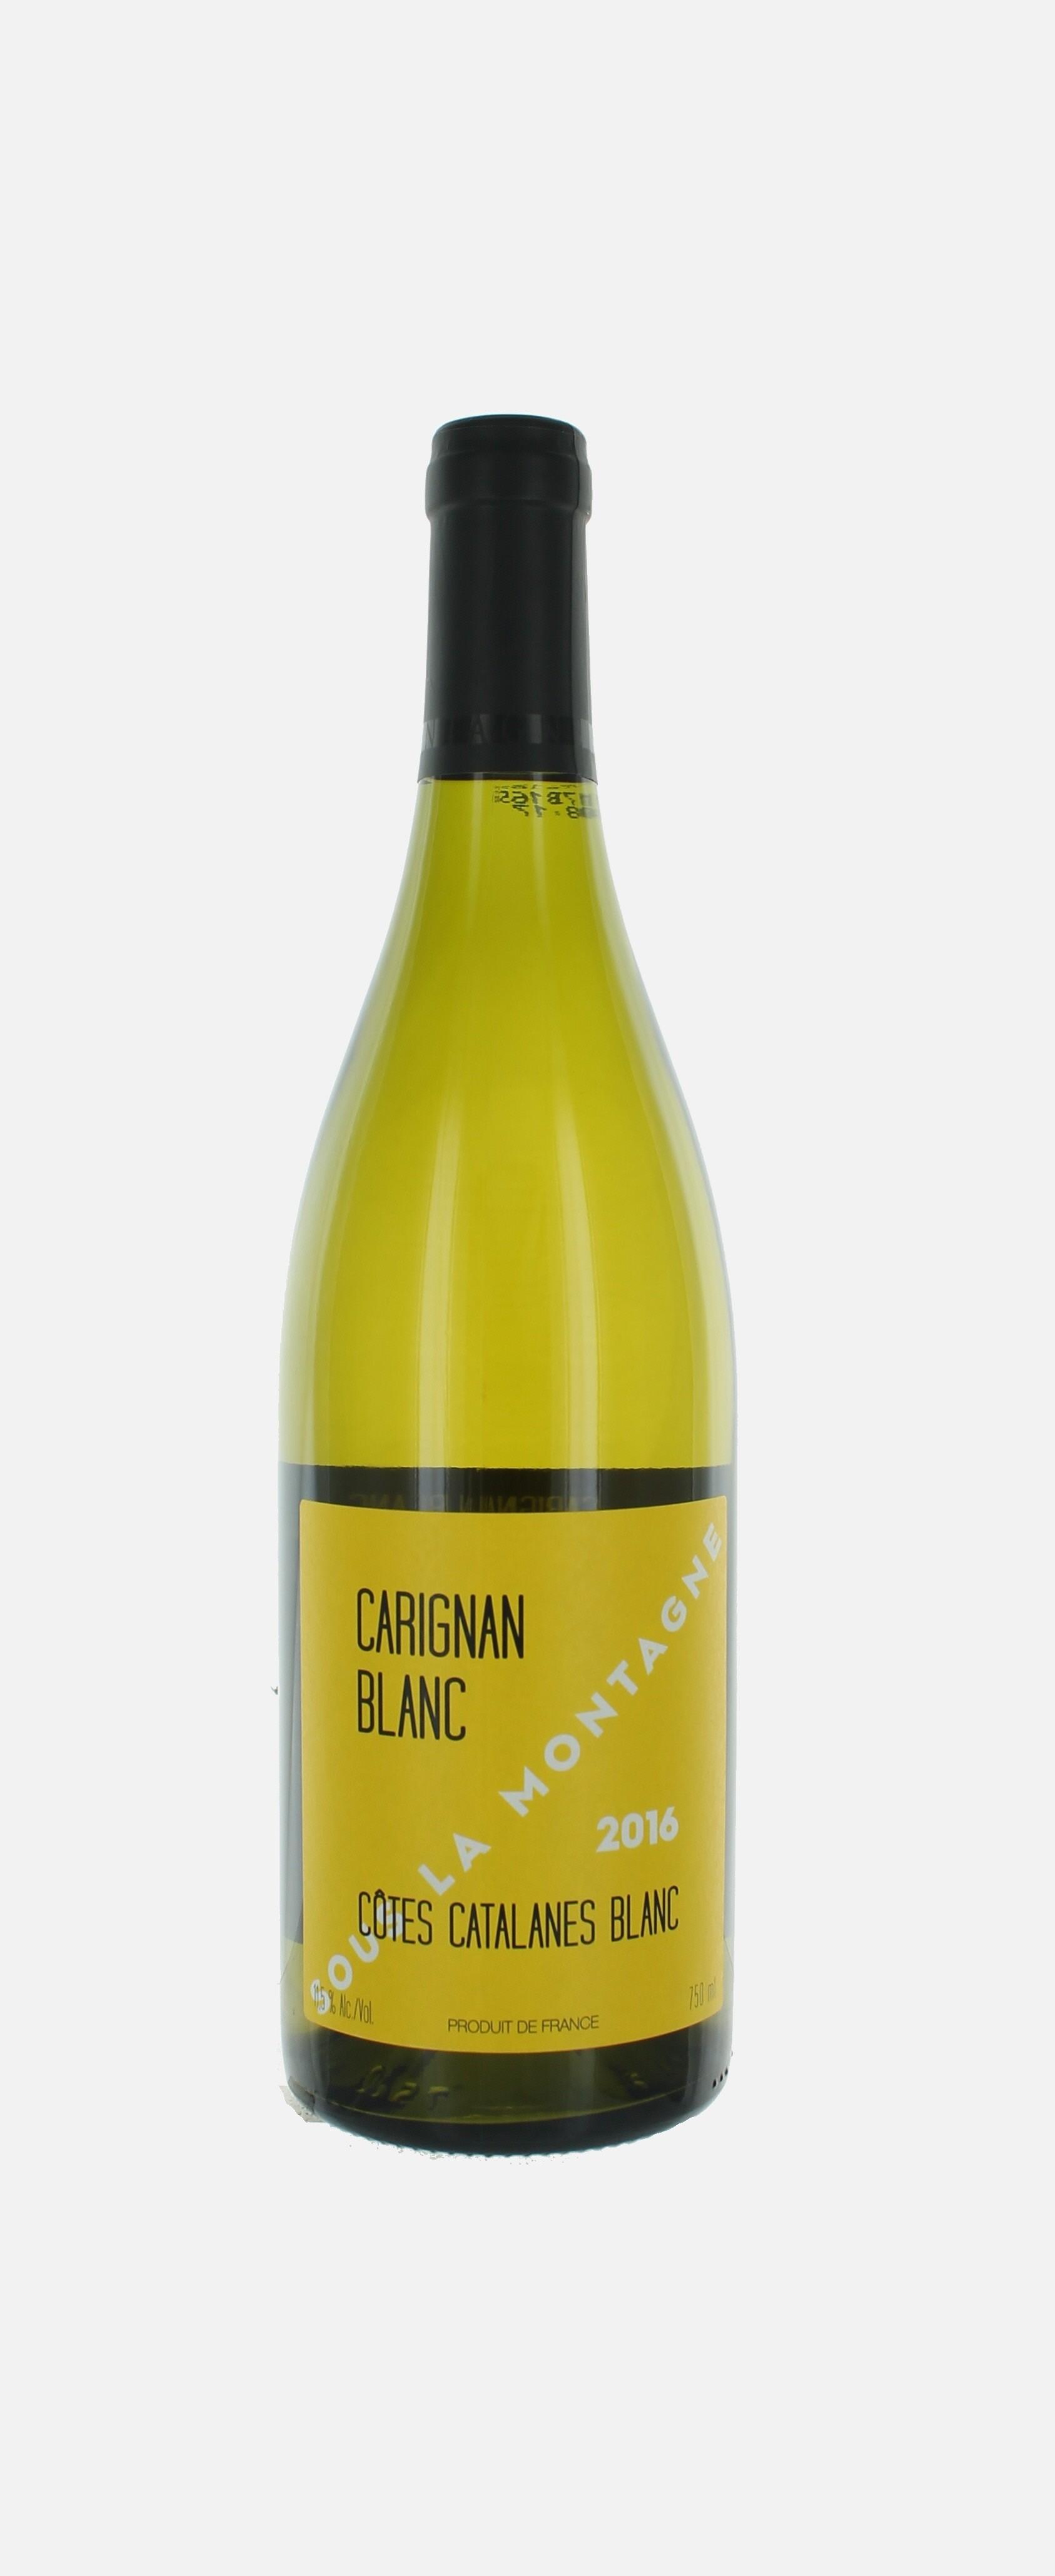 Carignan blanc, Côtes Catalanes, Sous la Montagne